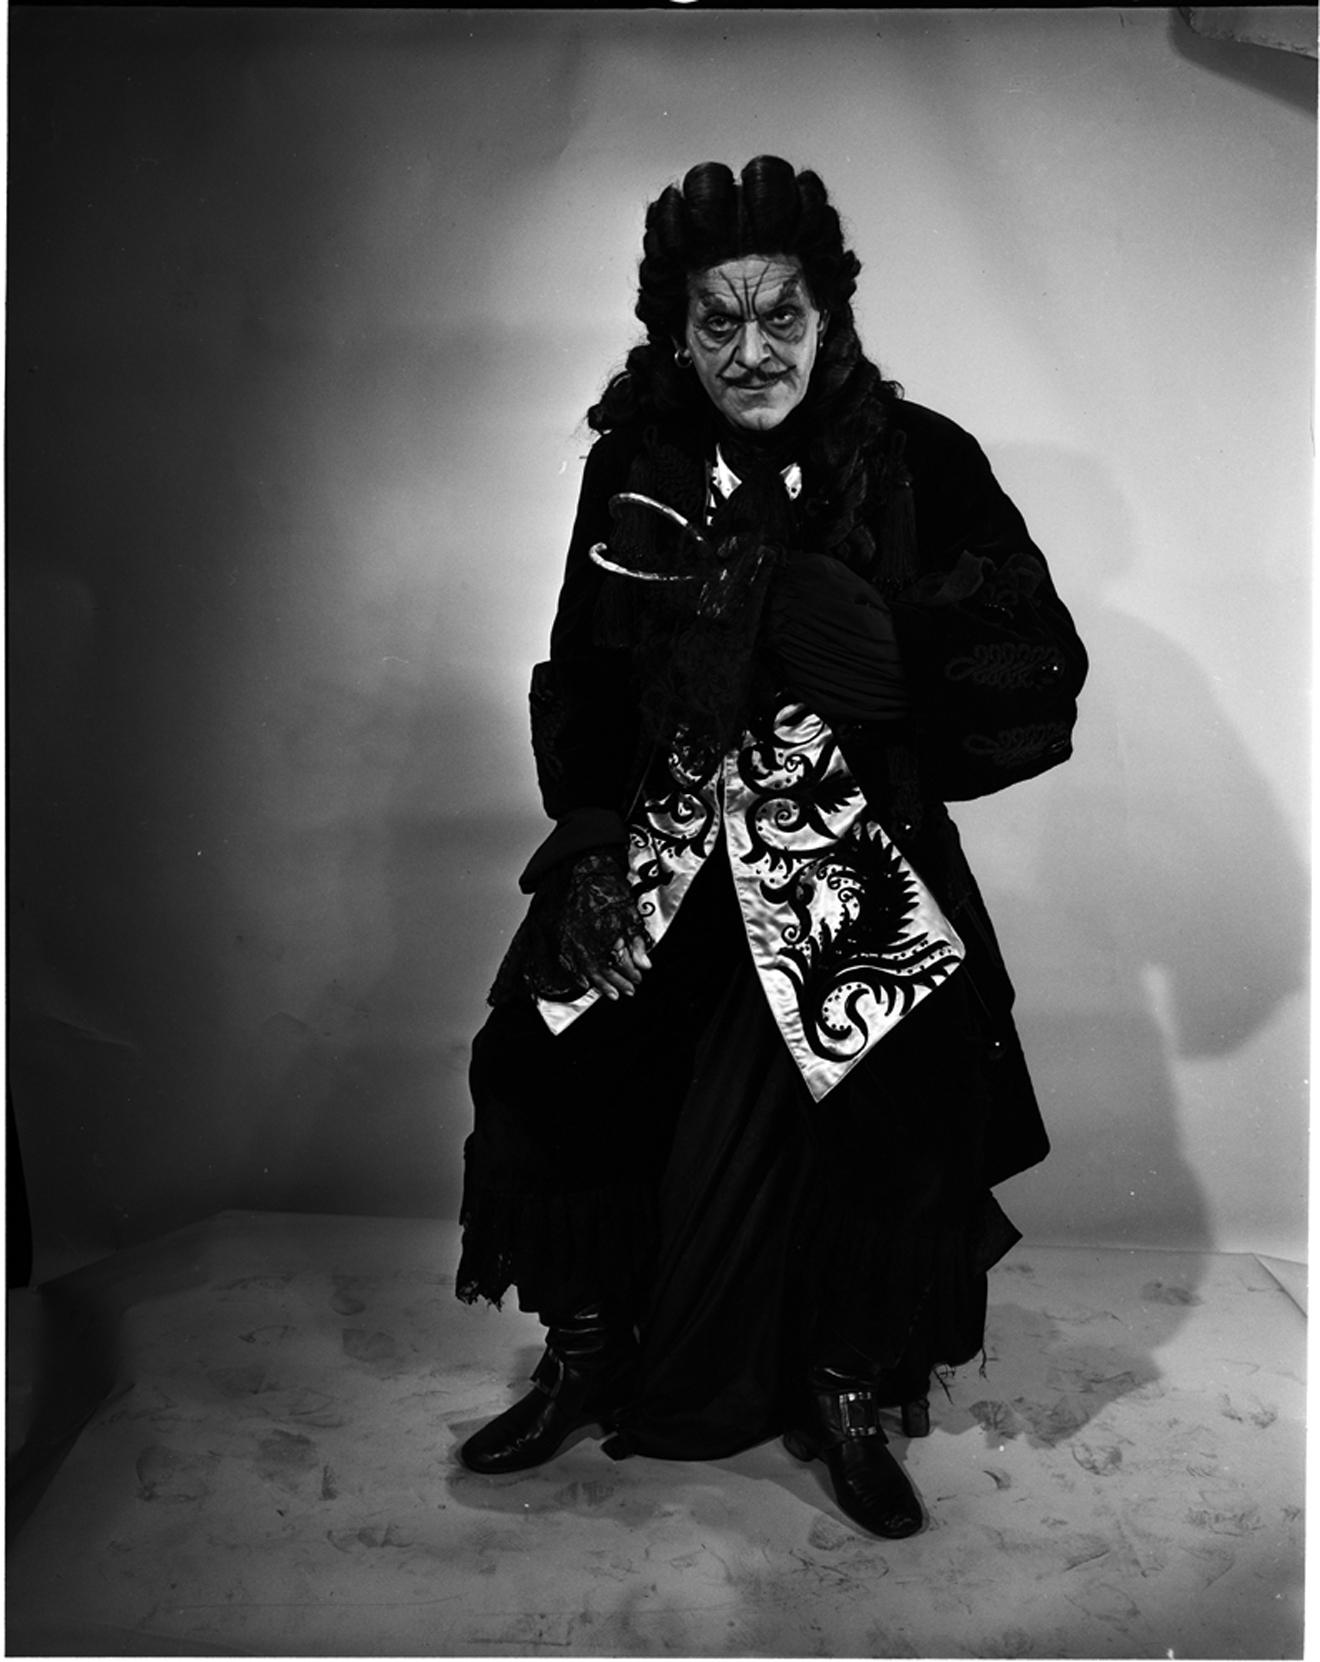 Lucas-Monroe [Boris Karloff como Capitán Garfio], 1950. Museo de la Ciudad de Nueva York. 80.104.1.2163